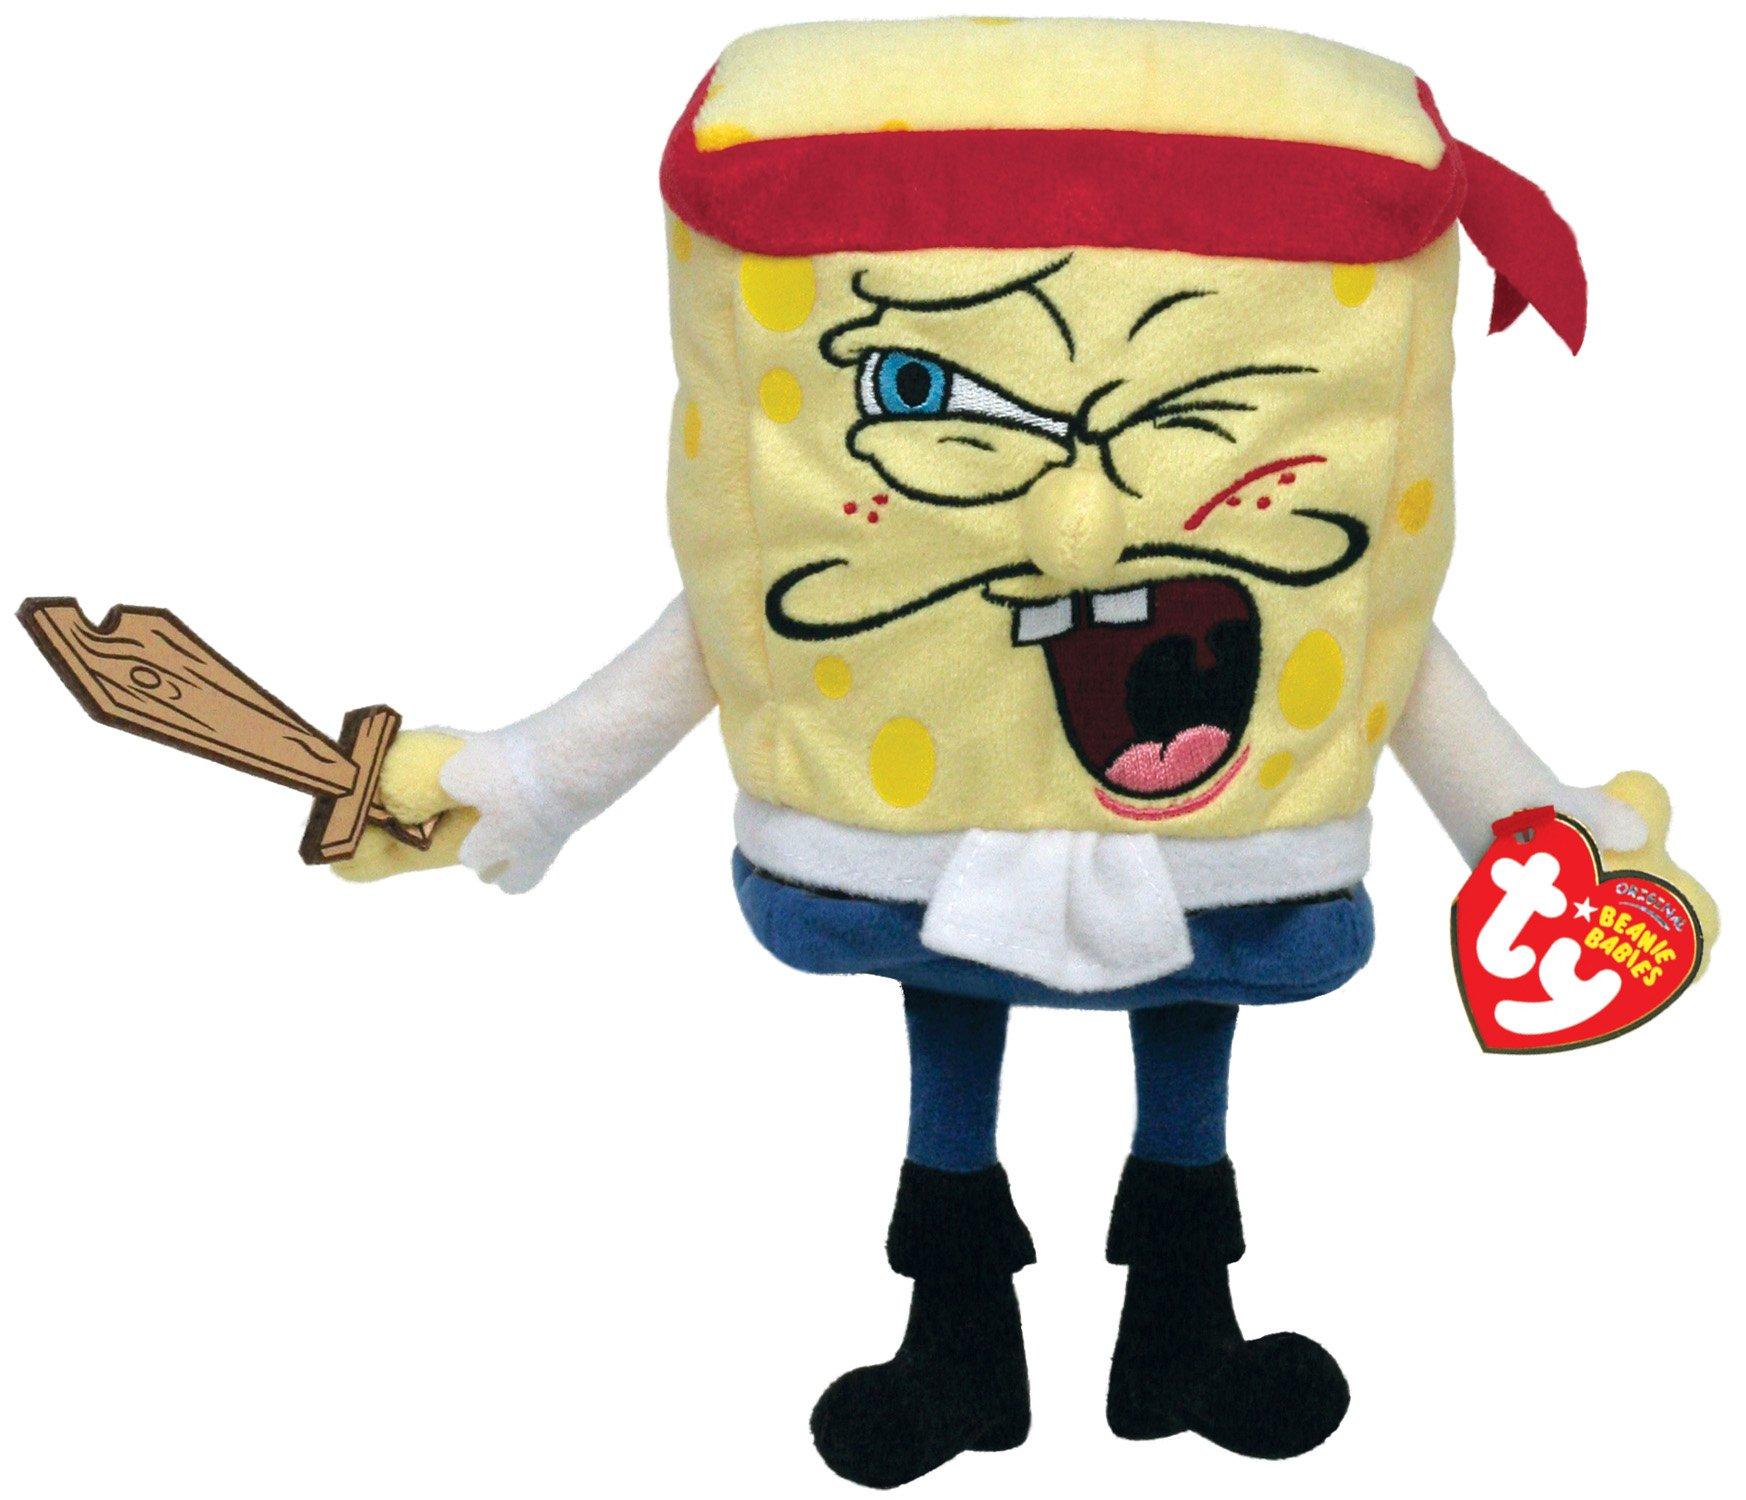 TY Beanie Baby Captain SpongeBob by Nickelodeon